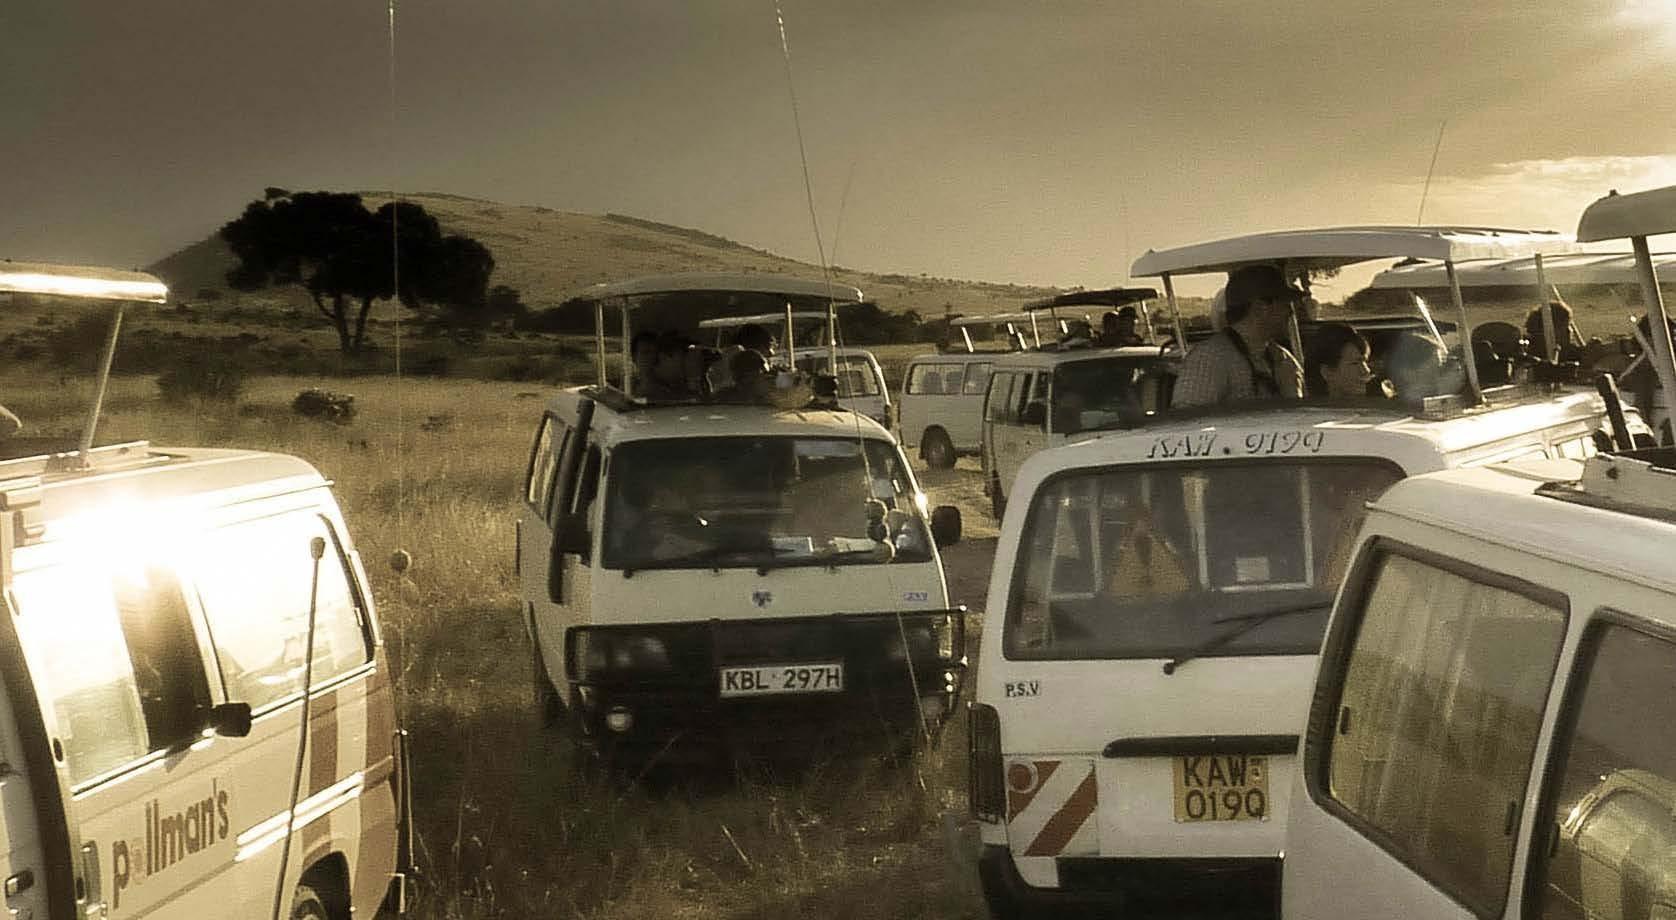 Page 16 of Duurzaam dieren kijken: op safari in Afrika